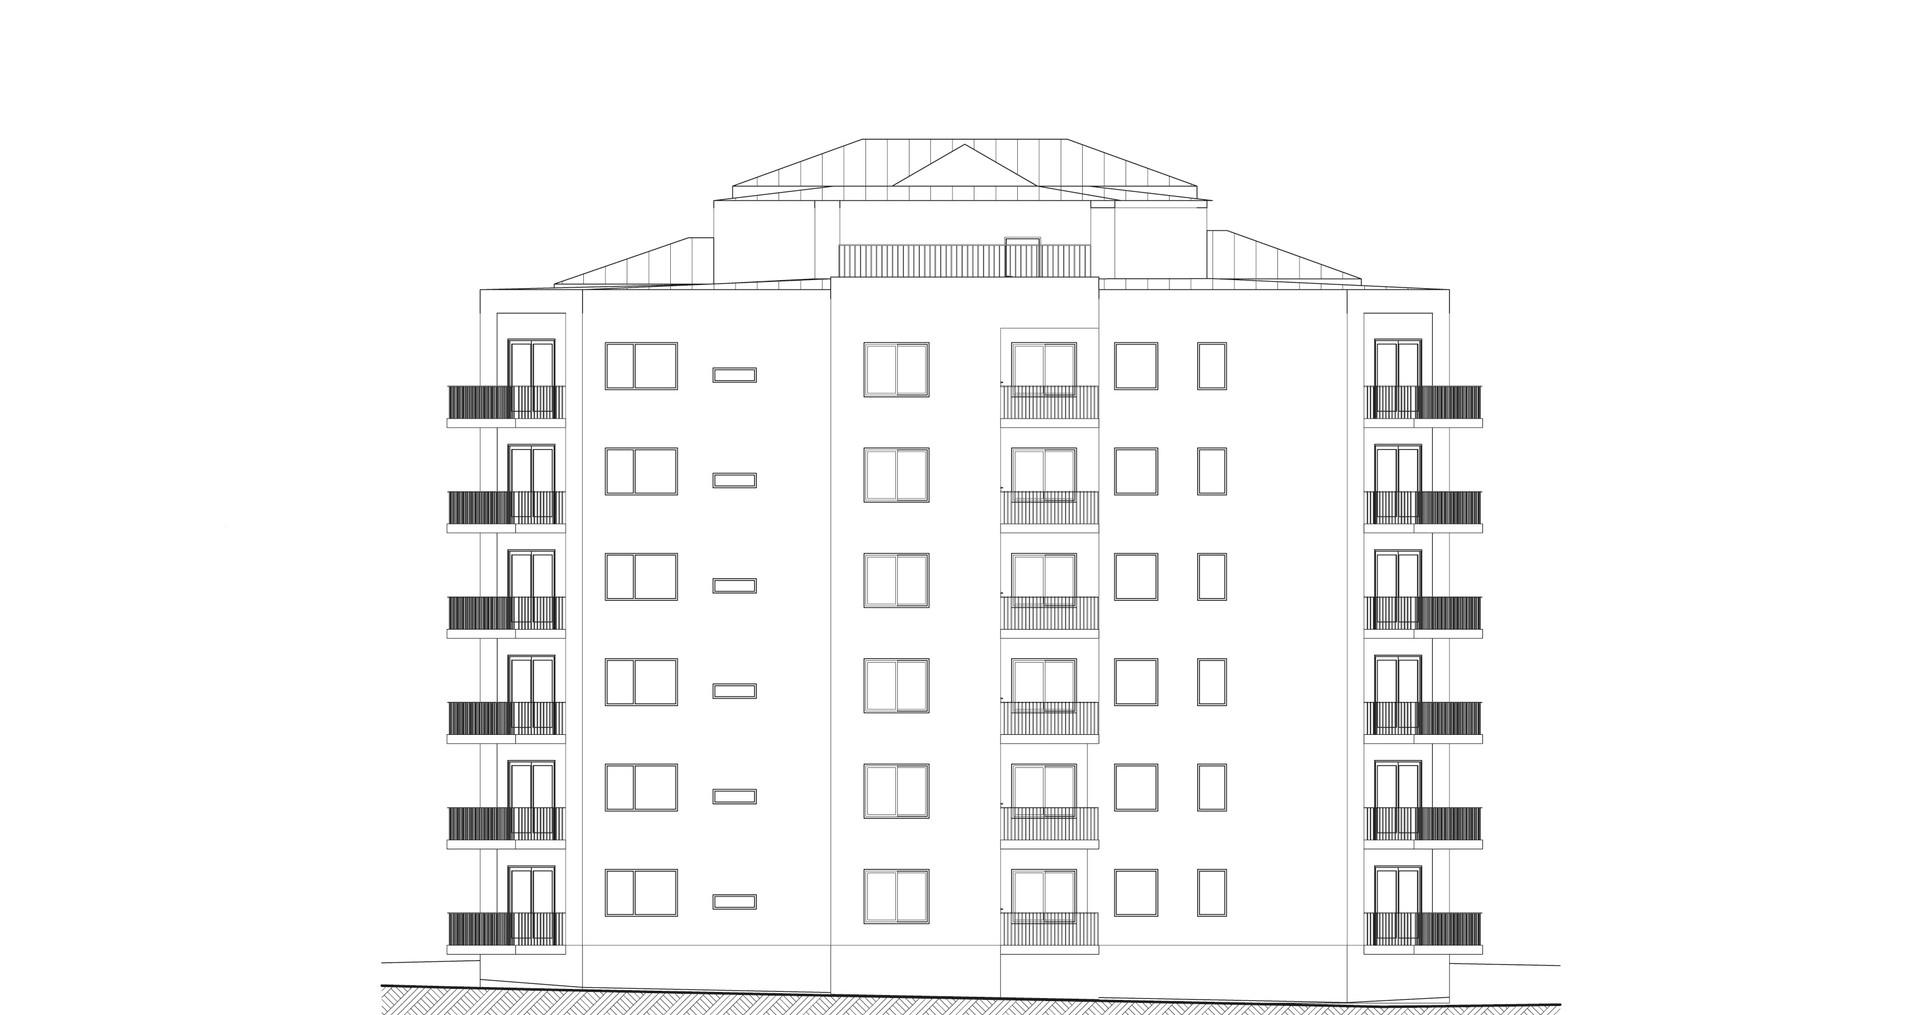 Fasad sydost med takterrass på plan 7.